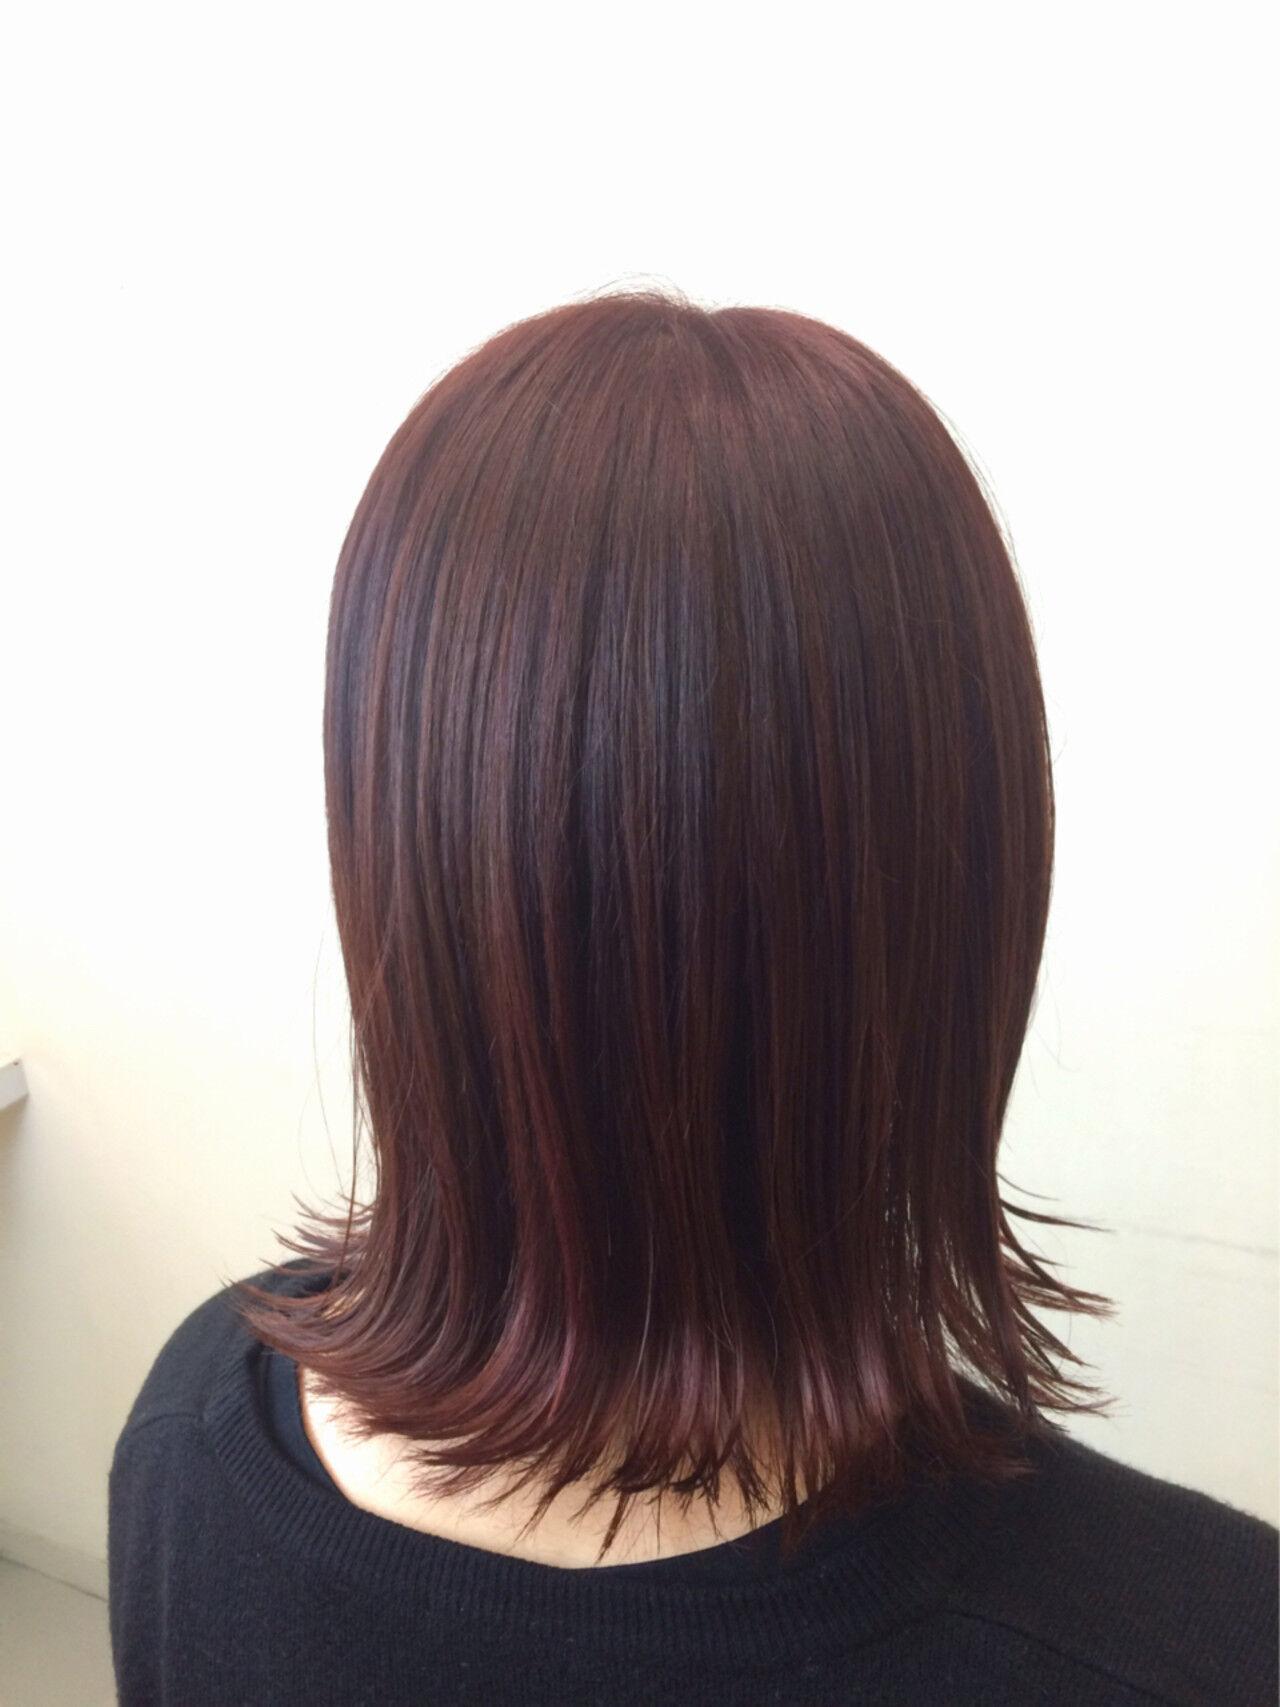 秋 ミディアム 暗髪 ストリートヘアスタイルや髪型の写真・画像